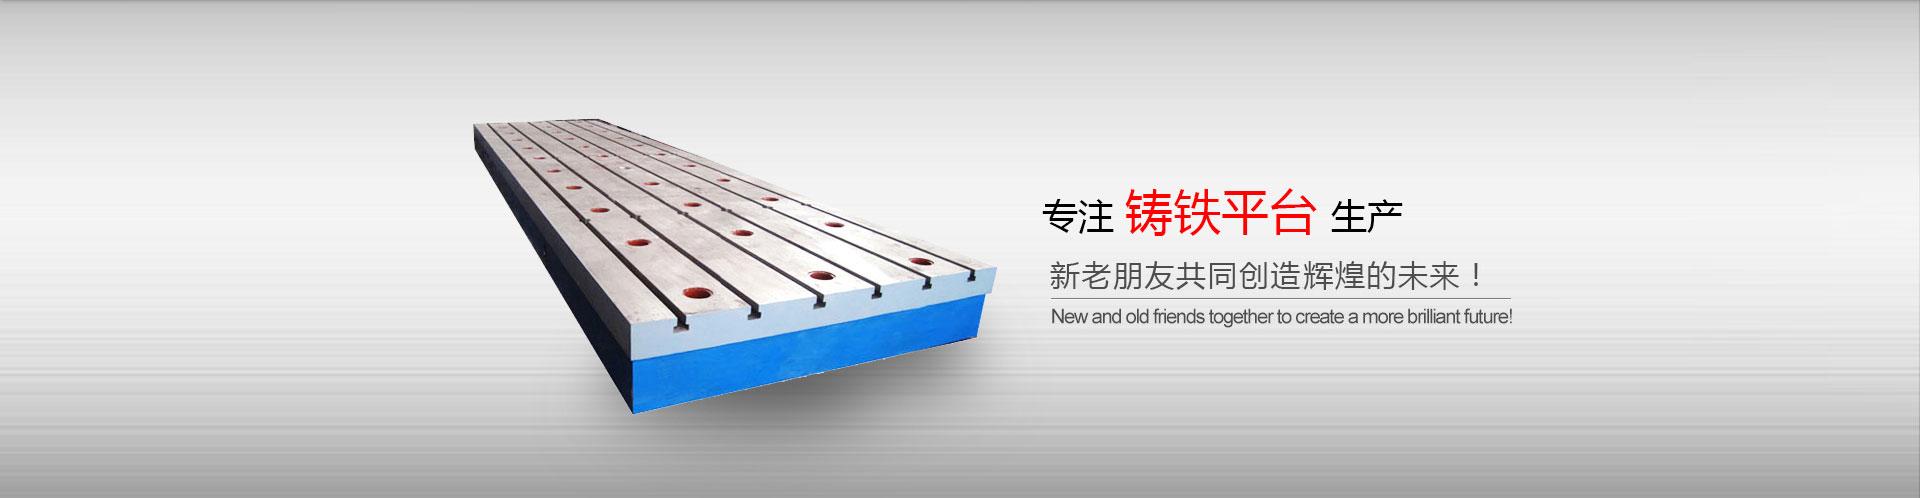 亚搏直播app官方网站亚搏官方平台平板